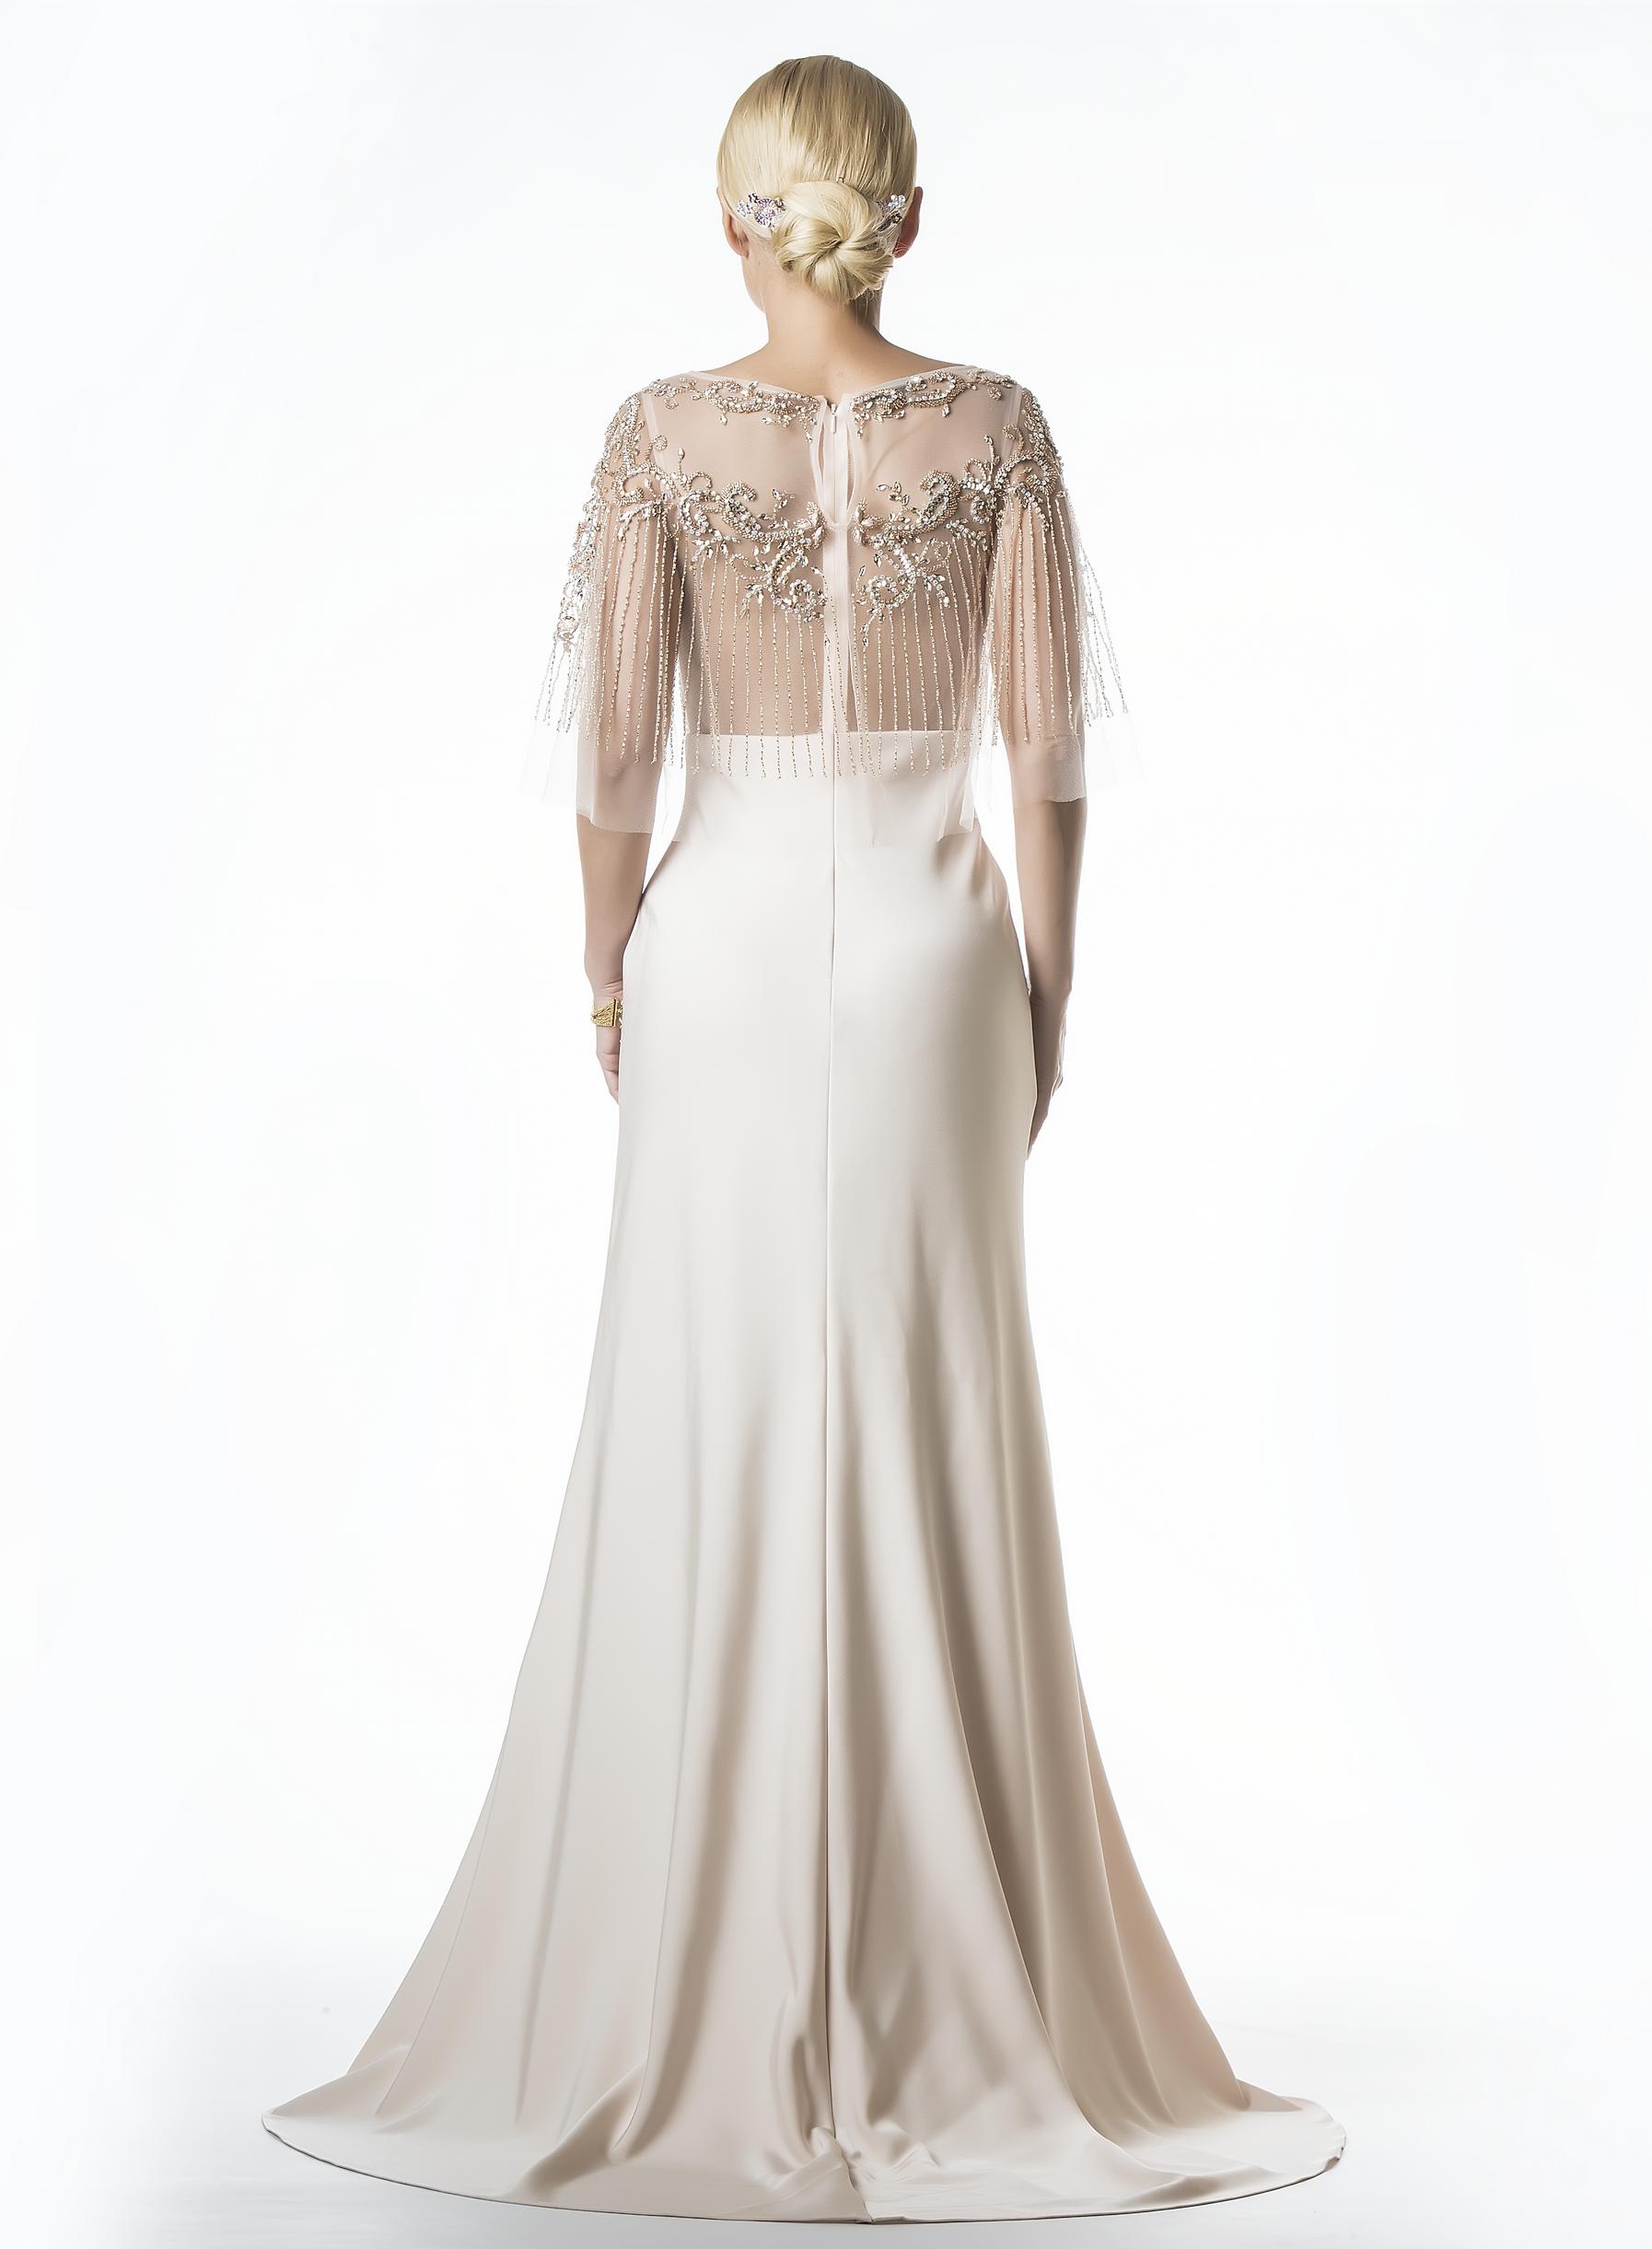 17 Coolste Wo Abendkleider Kaufen Design20 Ausgezeichnet Wo Abendkleider Kaufen Vertrieb